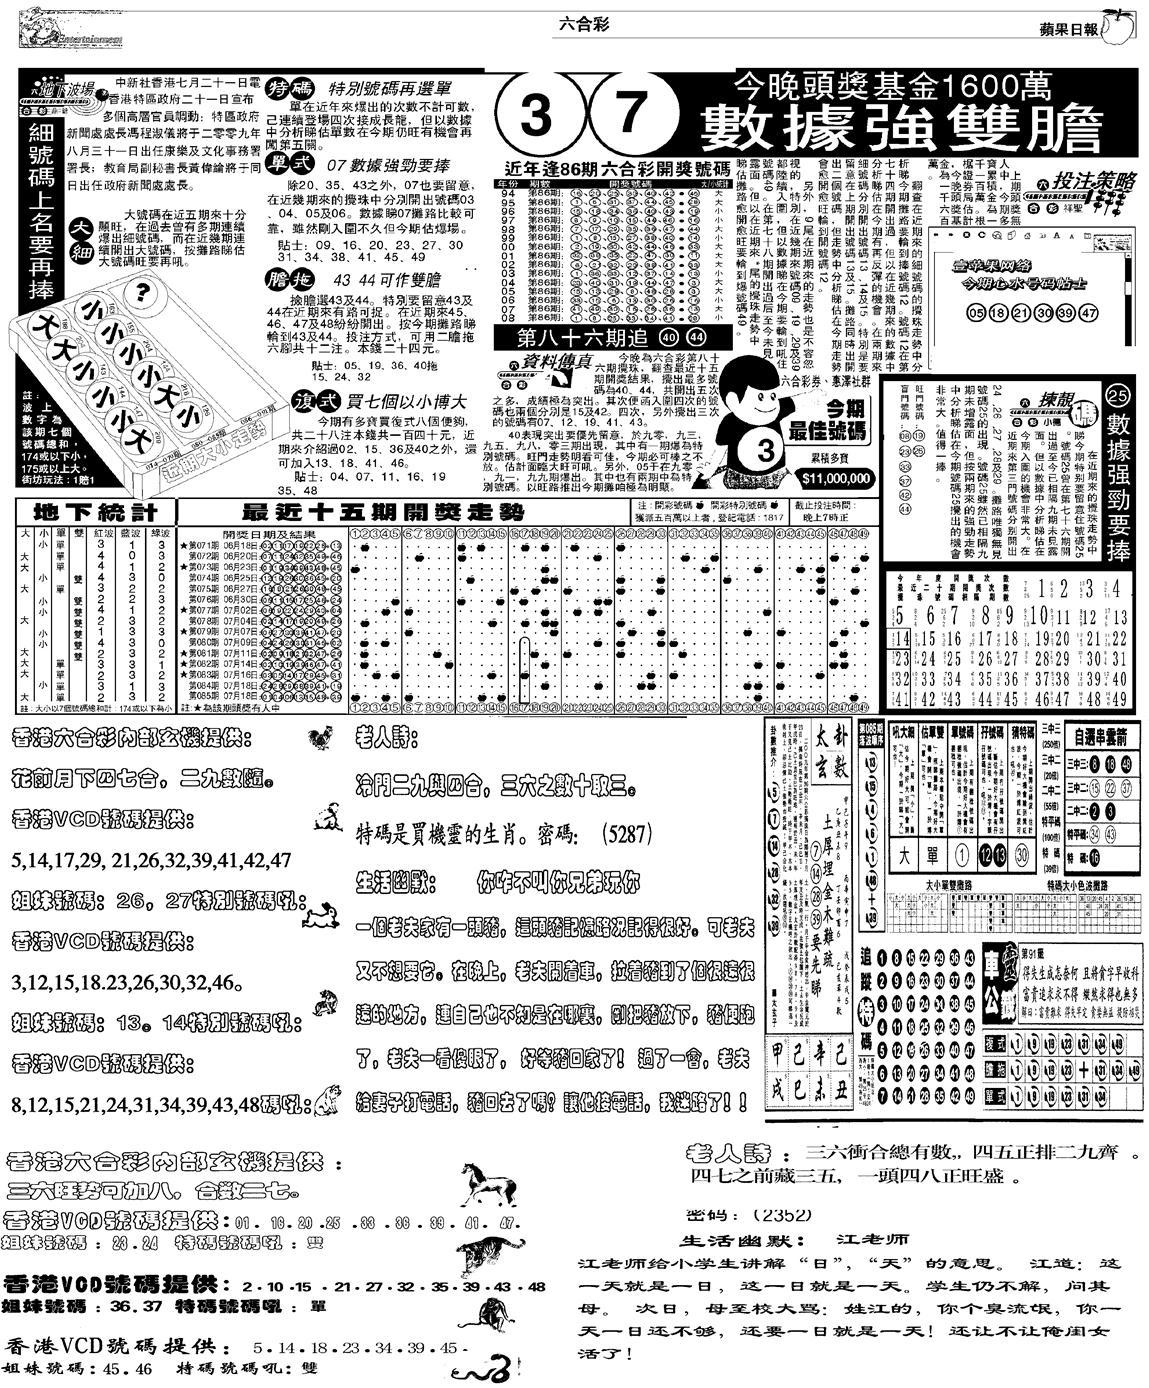 086期当日报-5(黑白)